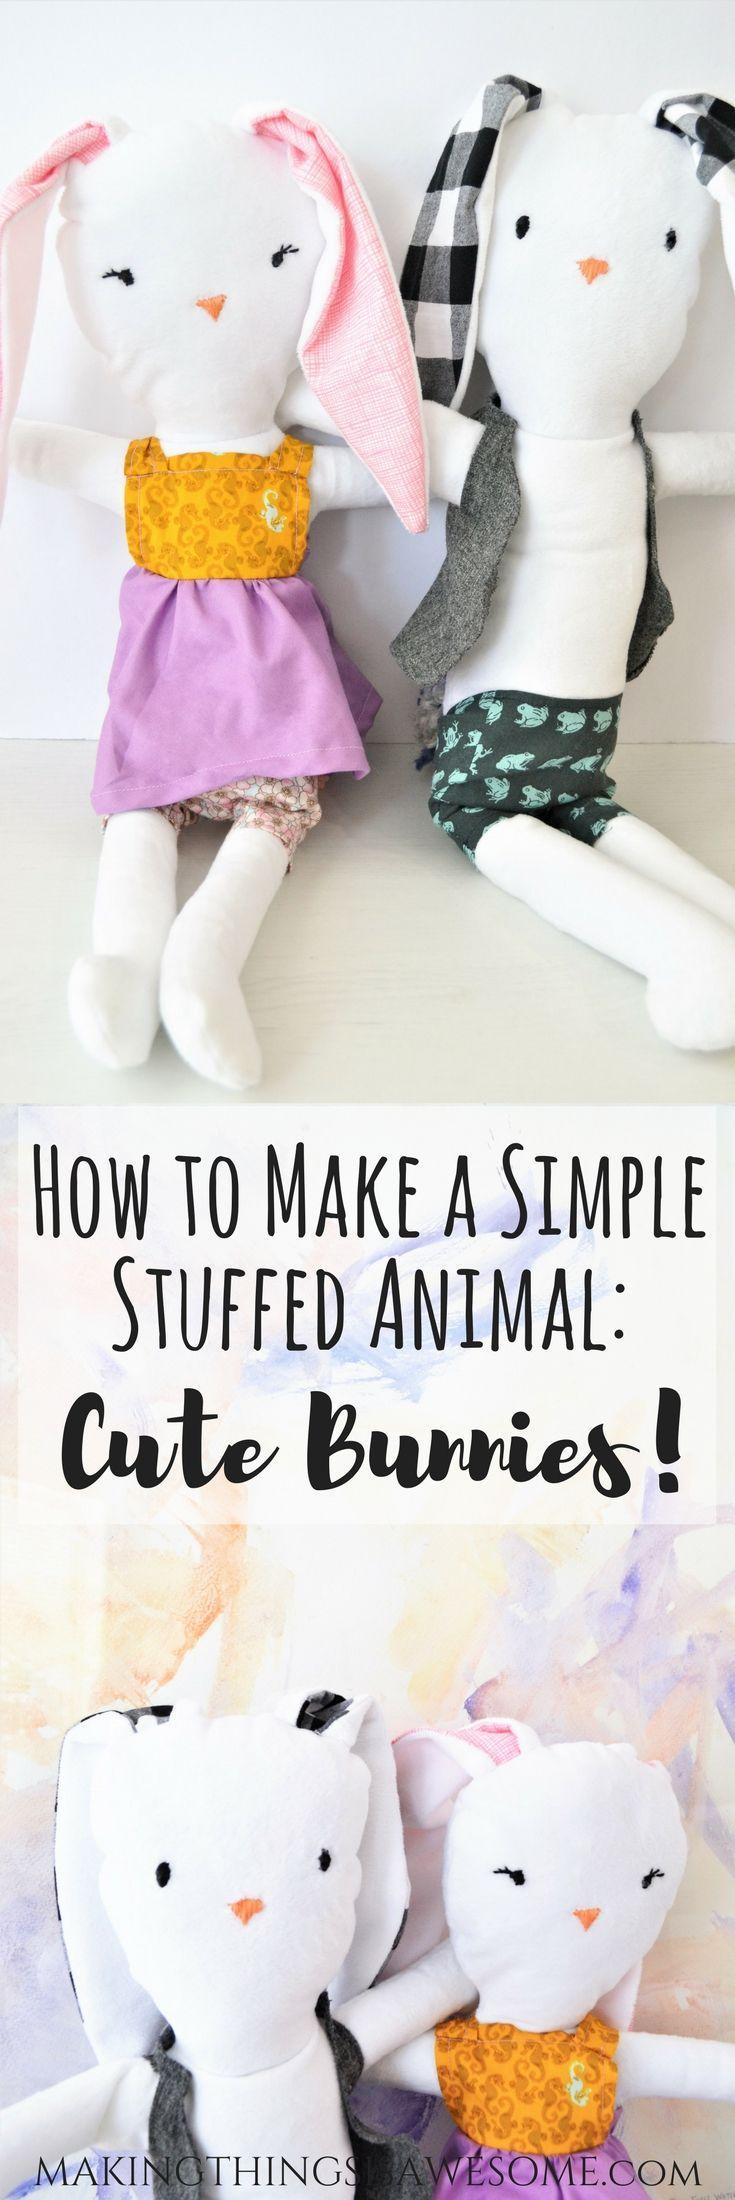 Wie man ein einfaches Kuscheltier macht: Süße Hasen